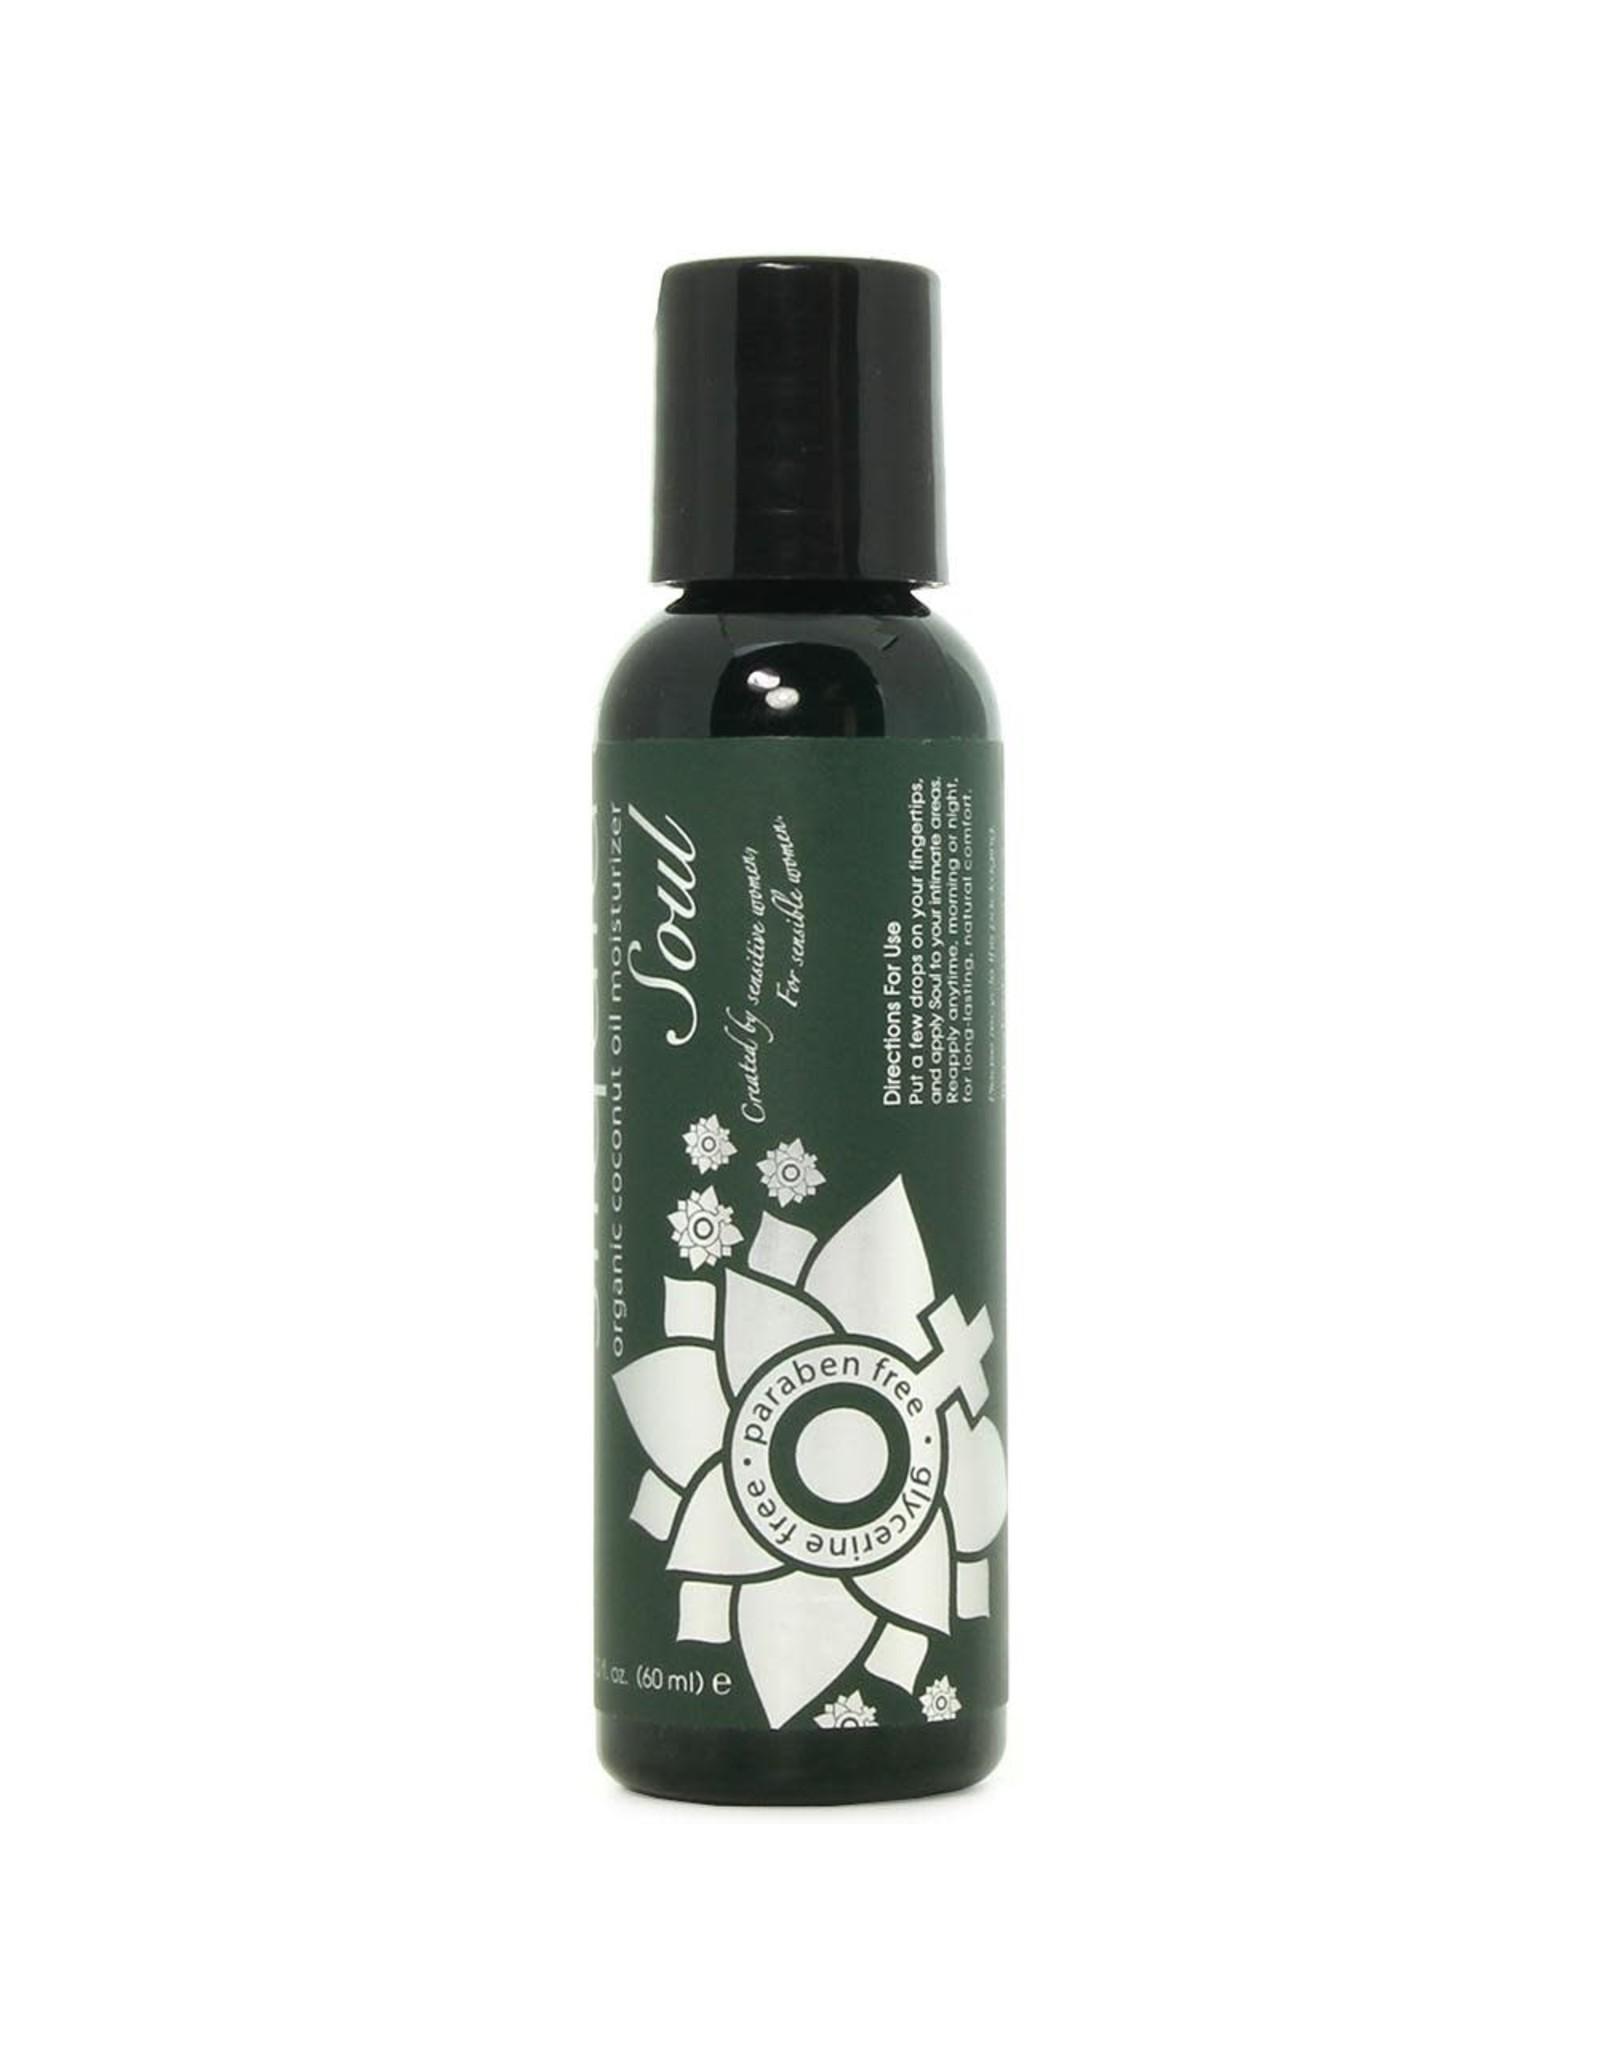 Sliquid Sliquid Soul - Coconut Oil Moisturizer - 2 oz